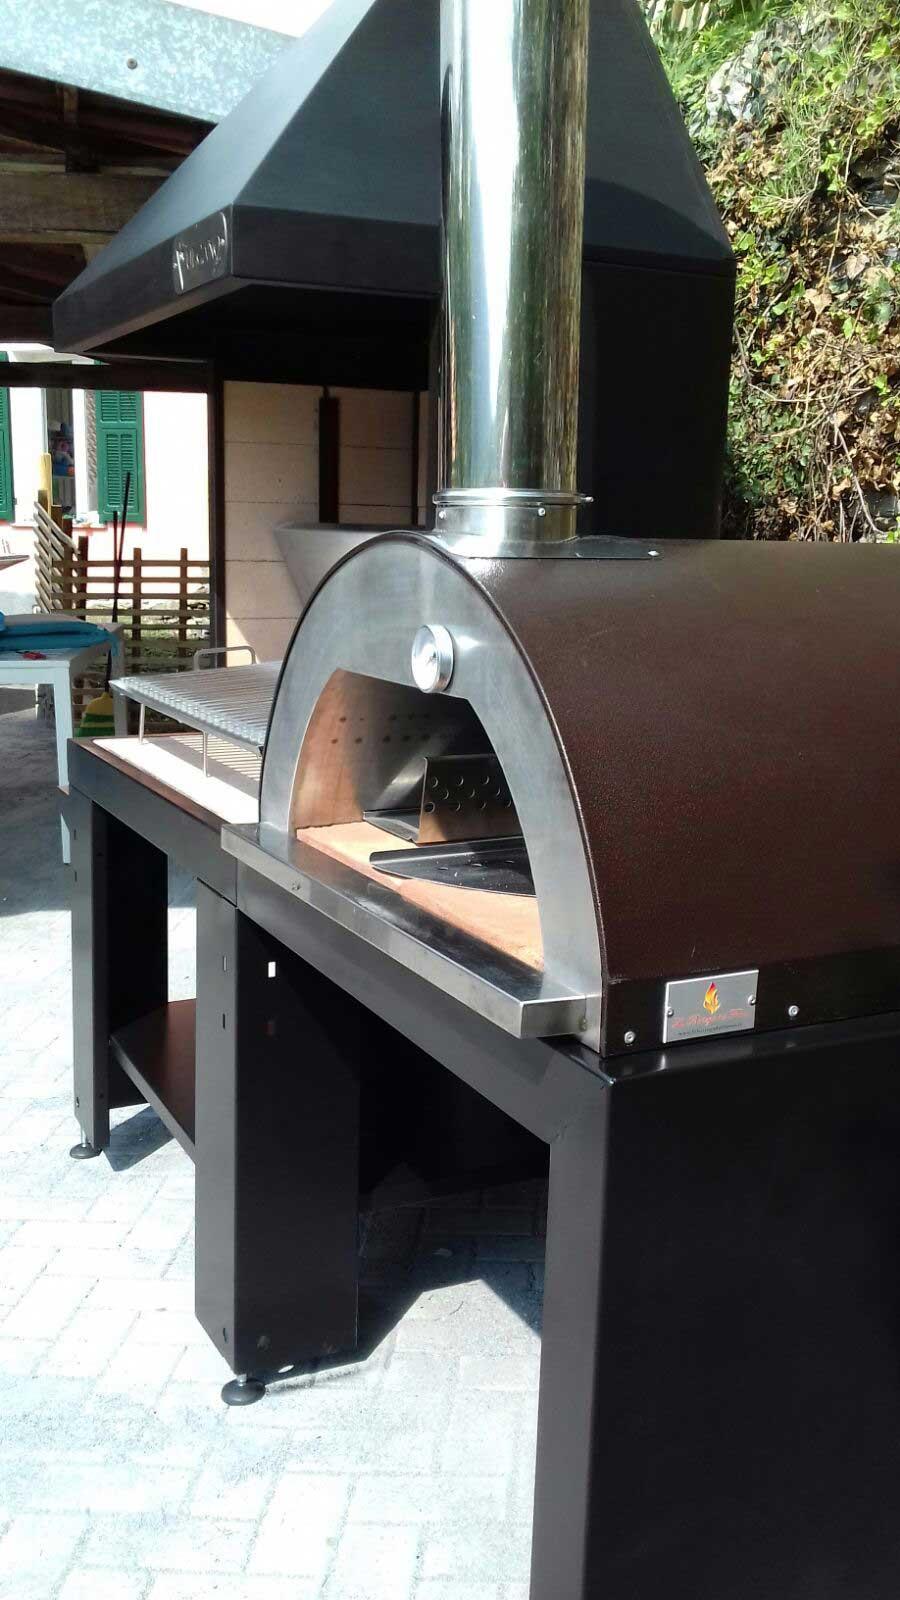 Barbecue con forno a legna la bottega del fuoco sede unica di ceriale for Termostufe a legna con forno